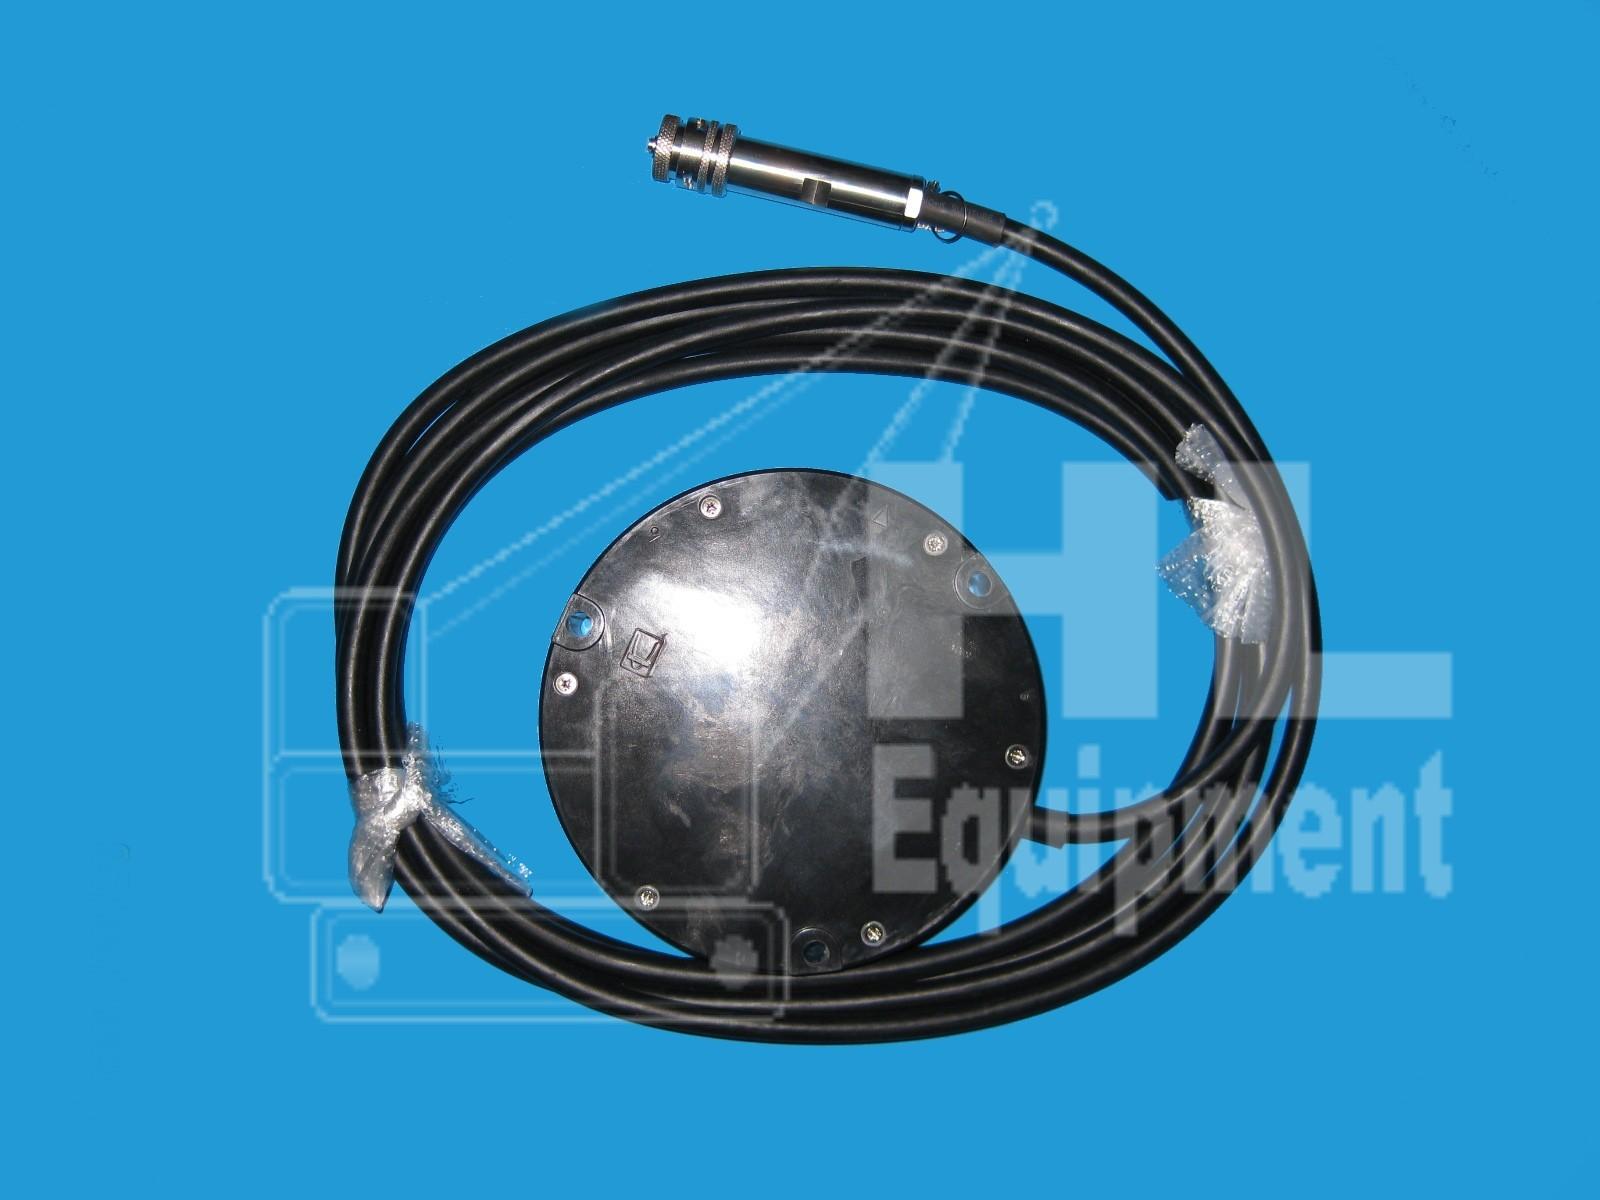 Kobelco Angle Sensor